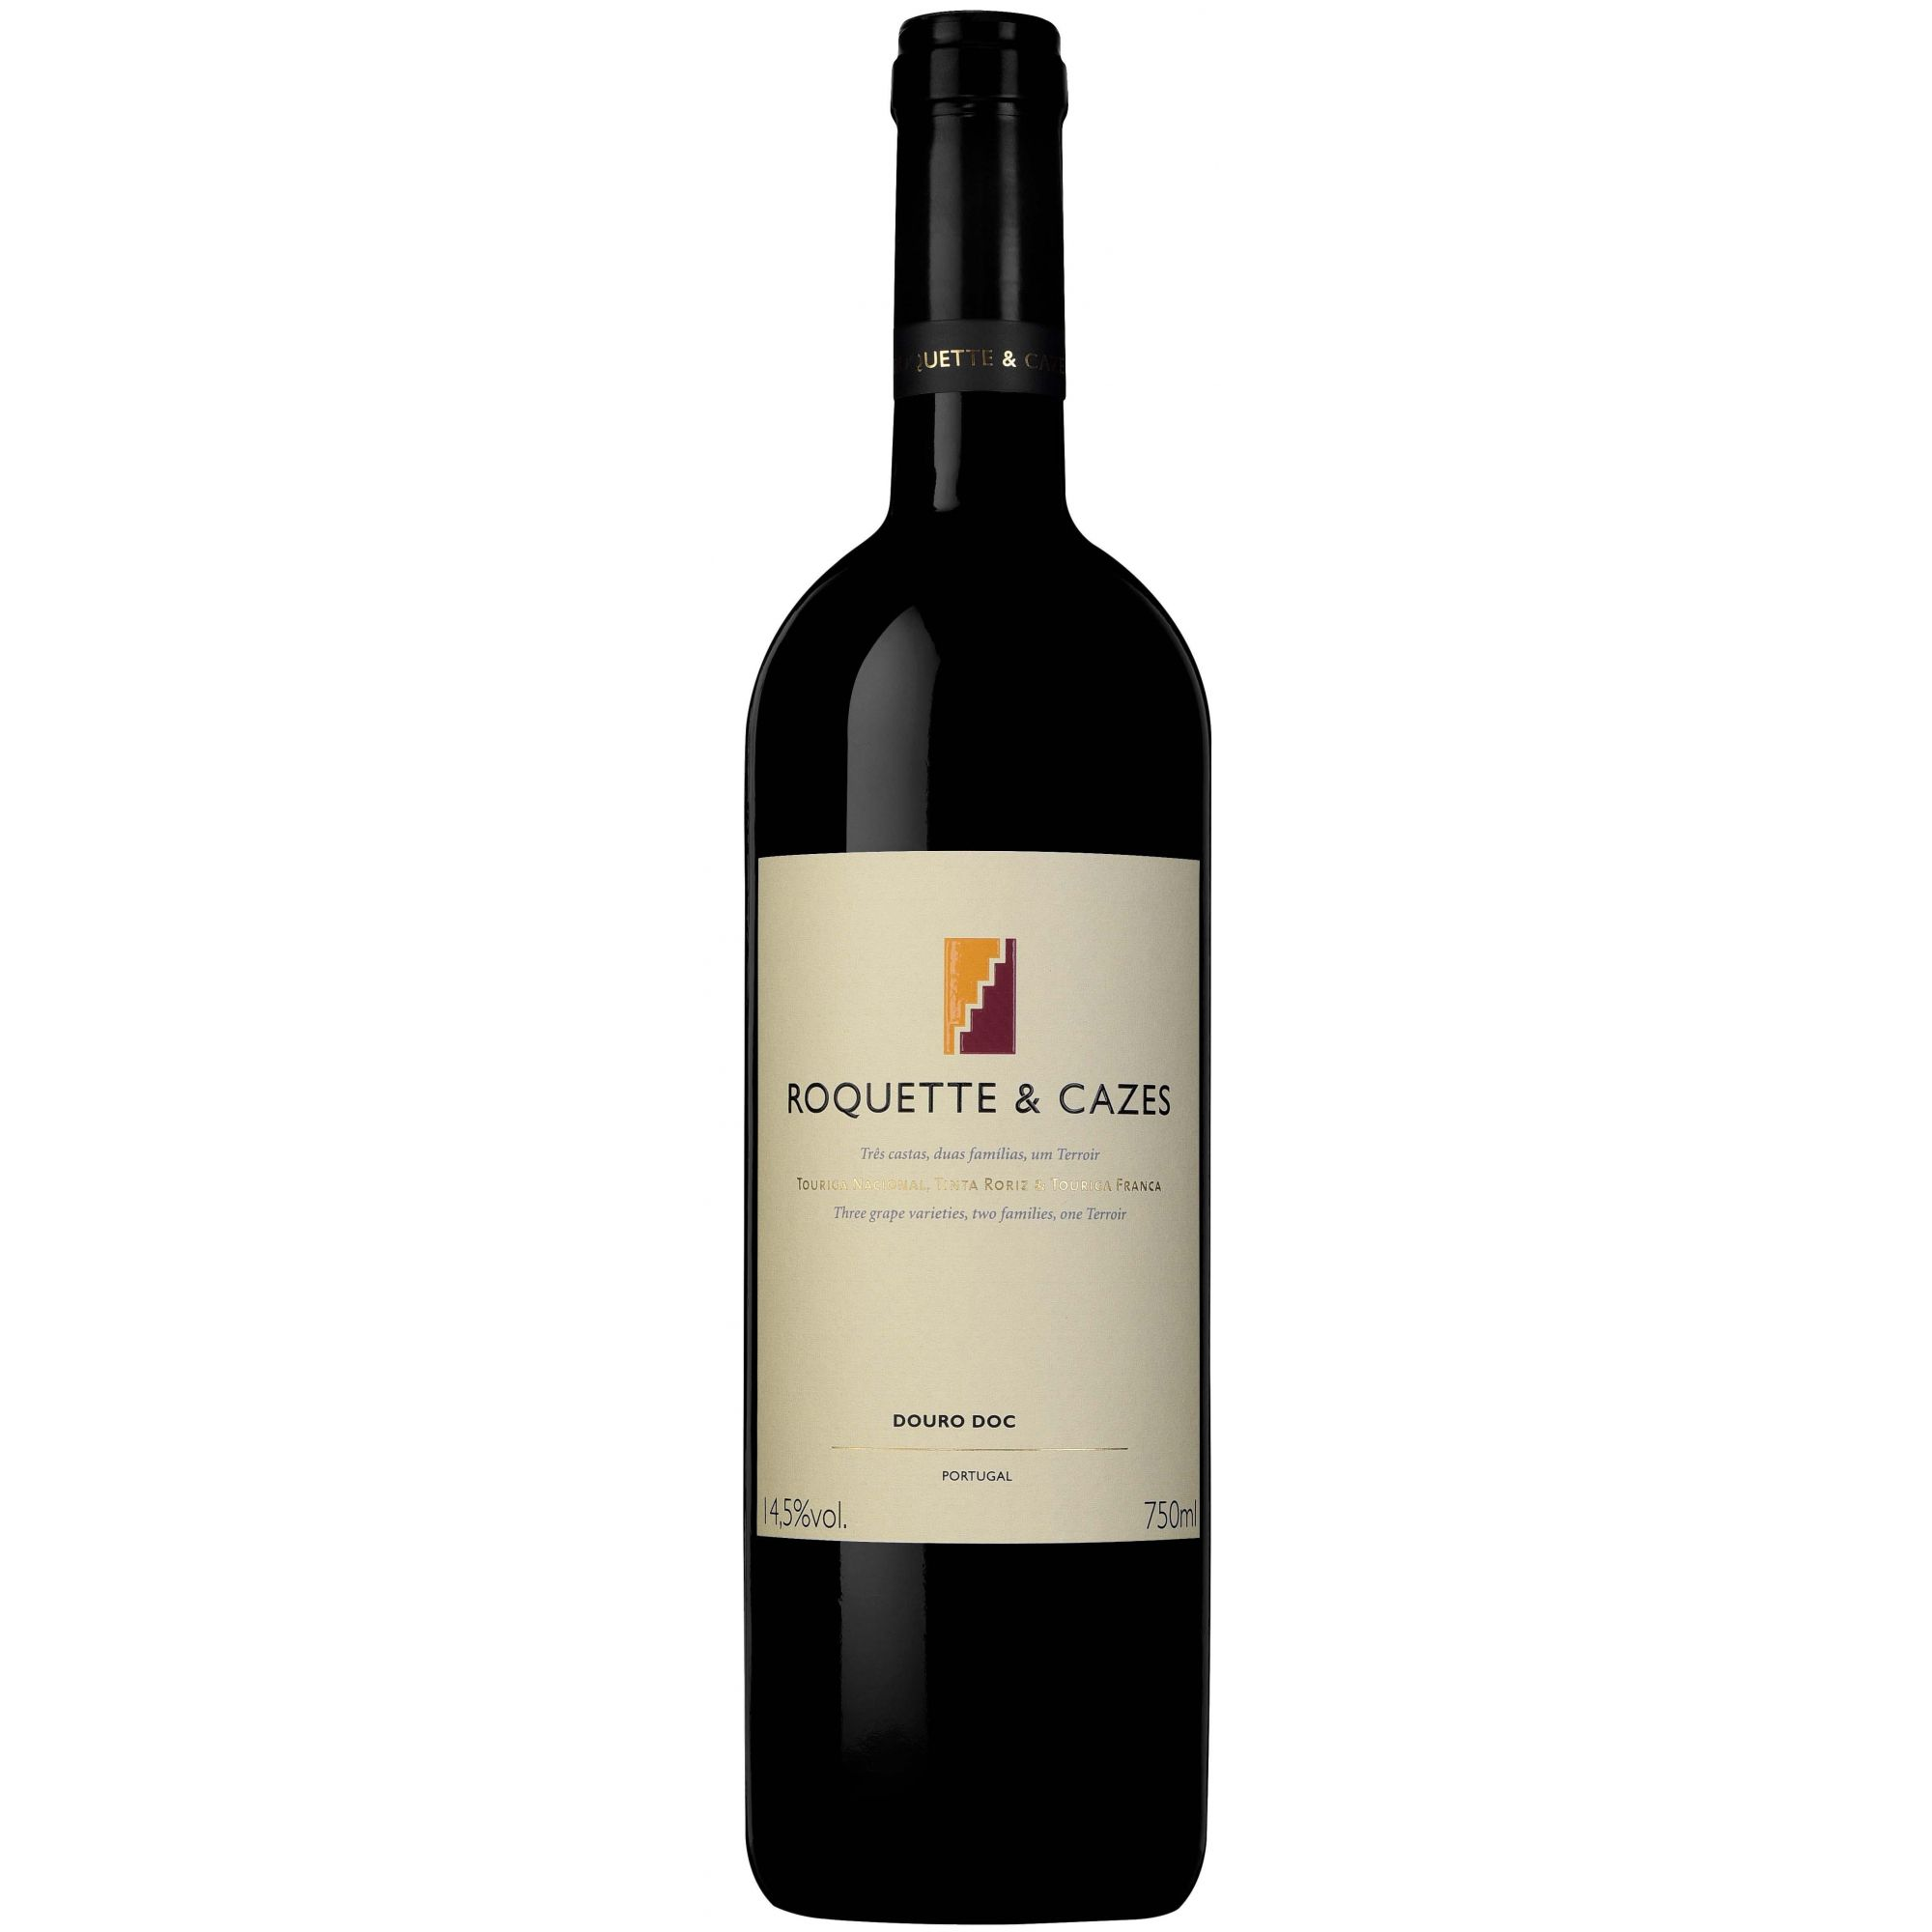 Vinho Roquette e Cazes Douro